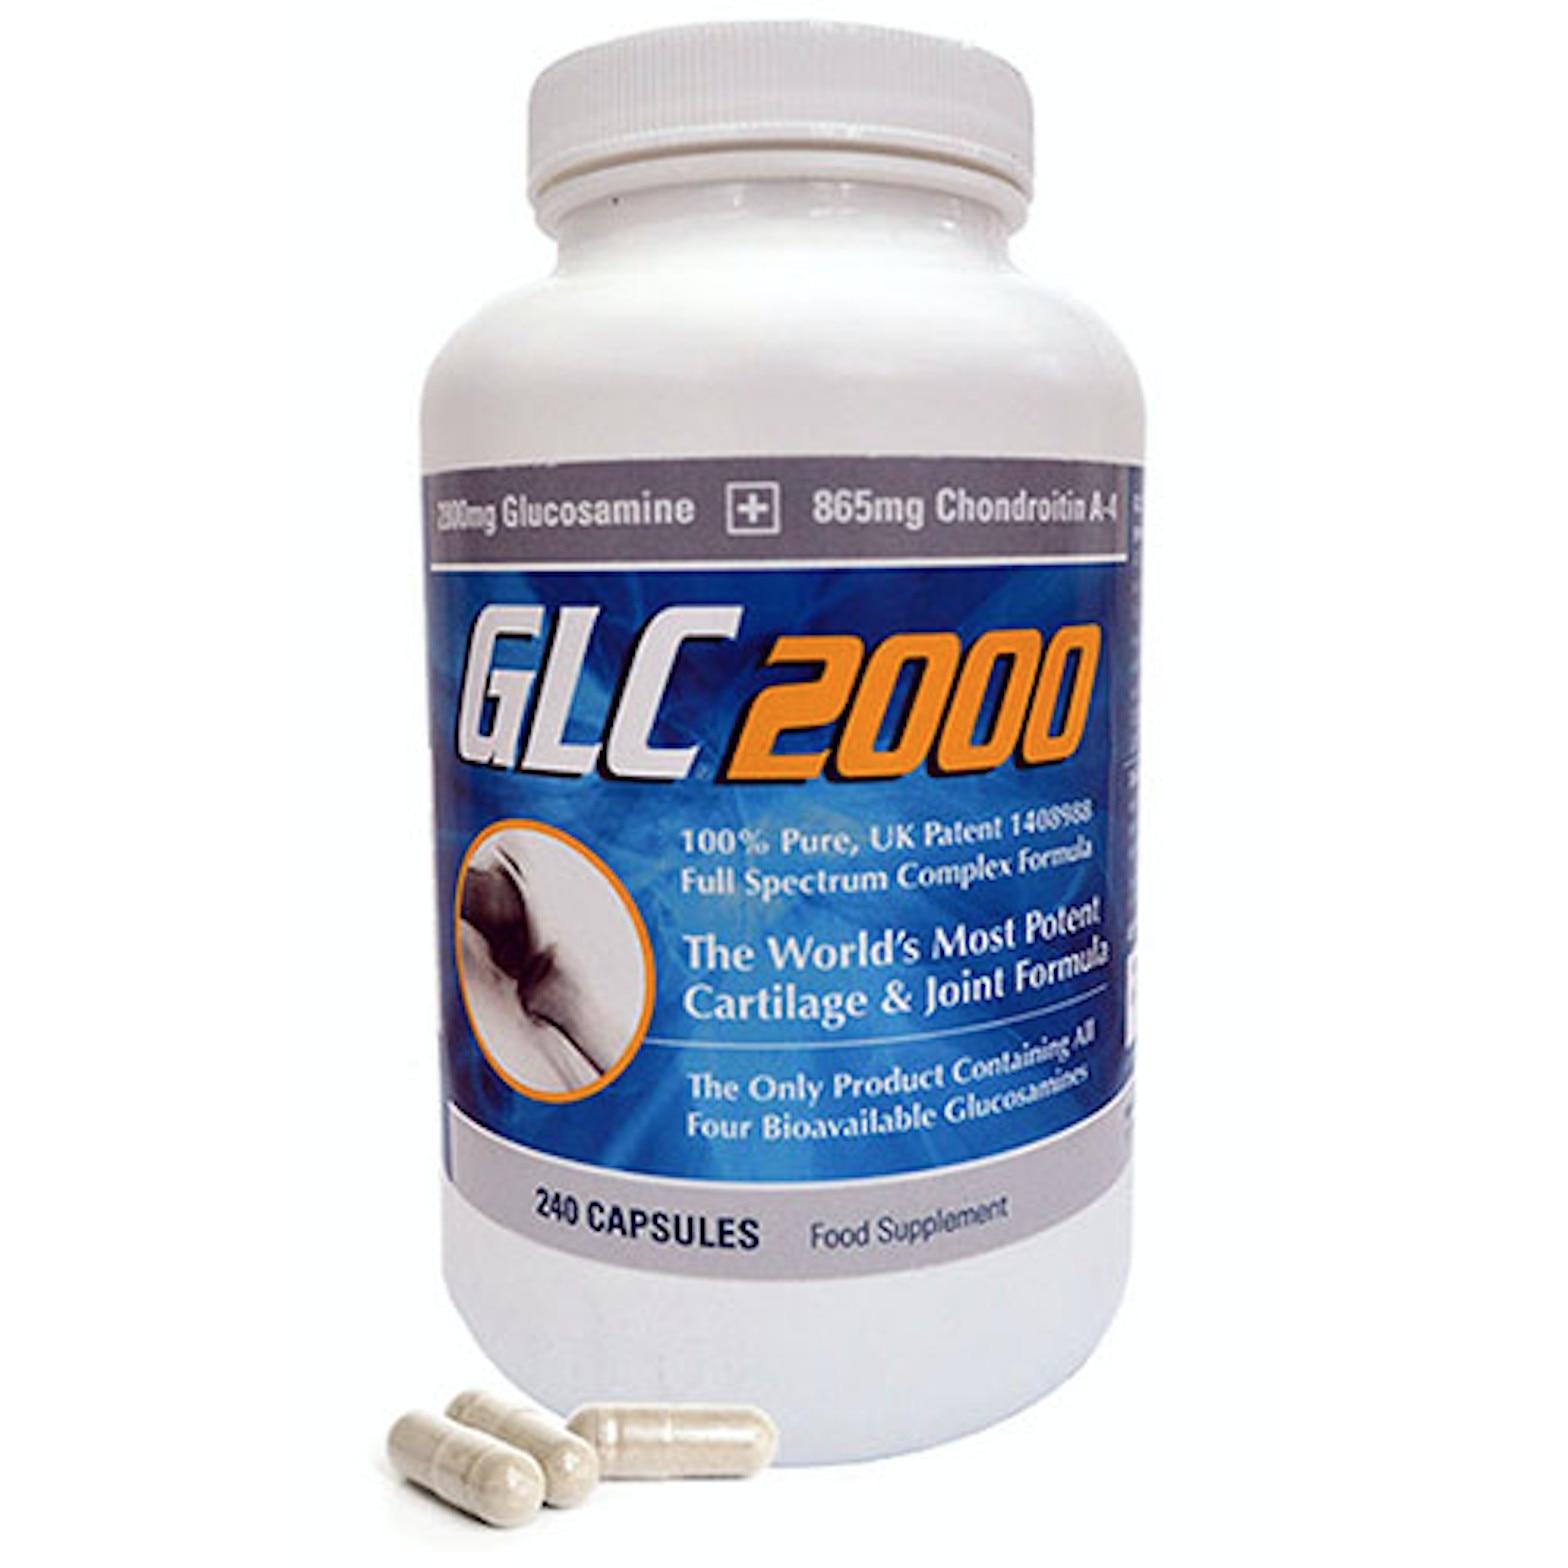 glucosamină condroitină pentru recenzii ale sportivilor)